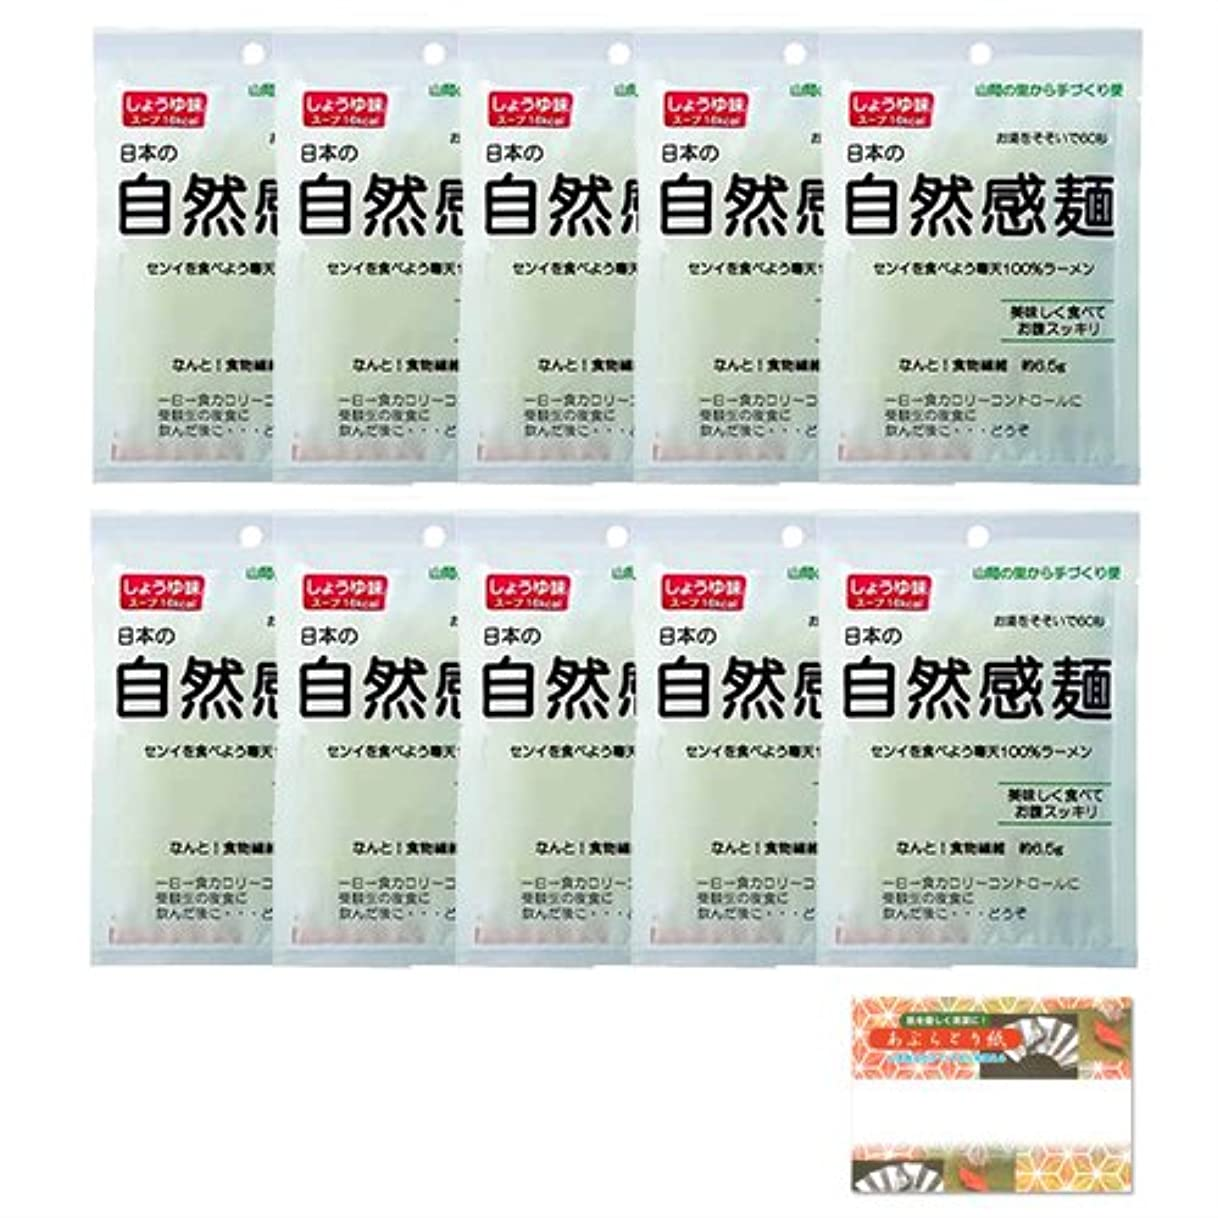 兵器庫ガイダンスひらめき寒天ダイエットラーメン 自然感麺10食(しょうゆ味10袋)セット + あぶらとり紙セット